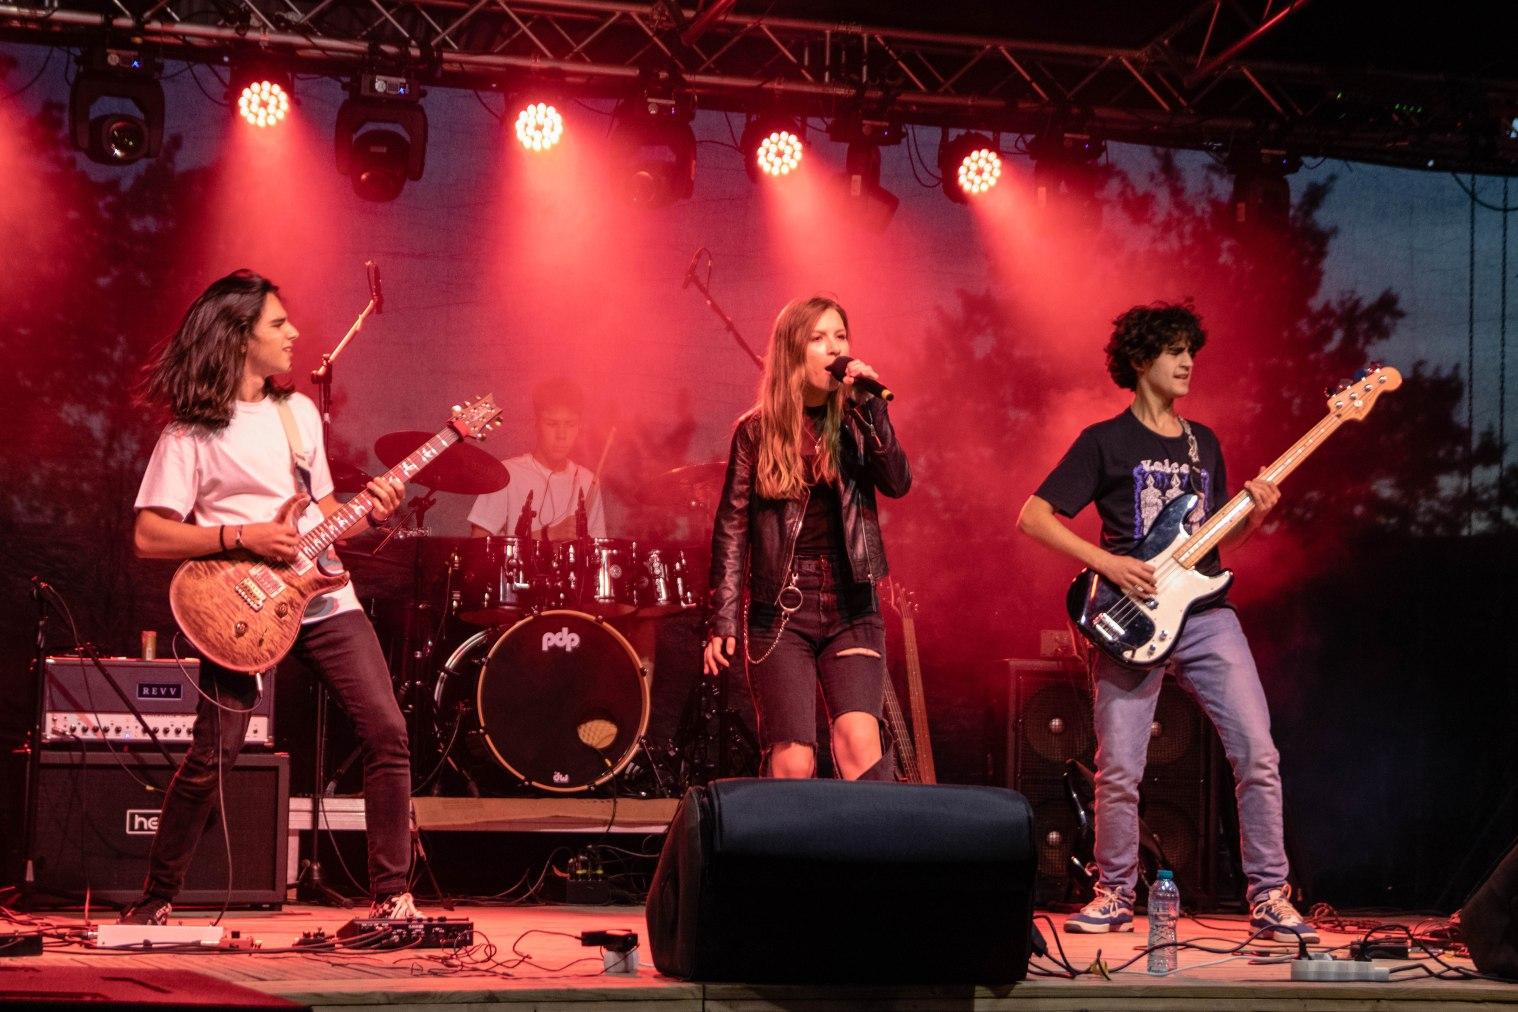 Cea mai nouă și promițătoare trupă de rock din România se numește Rapax. Bateristul are 15 ani